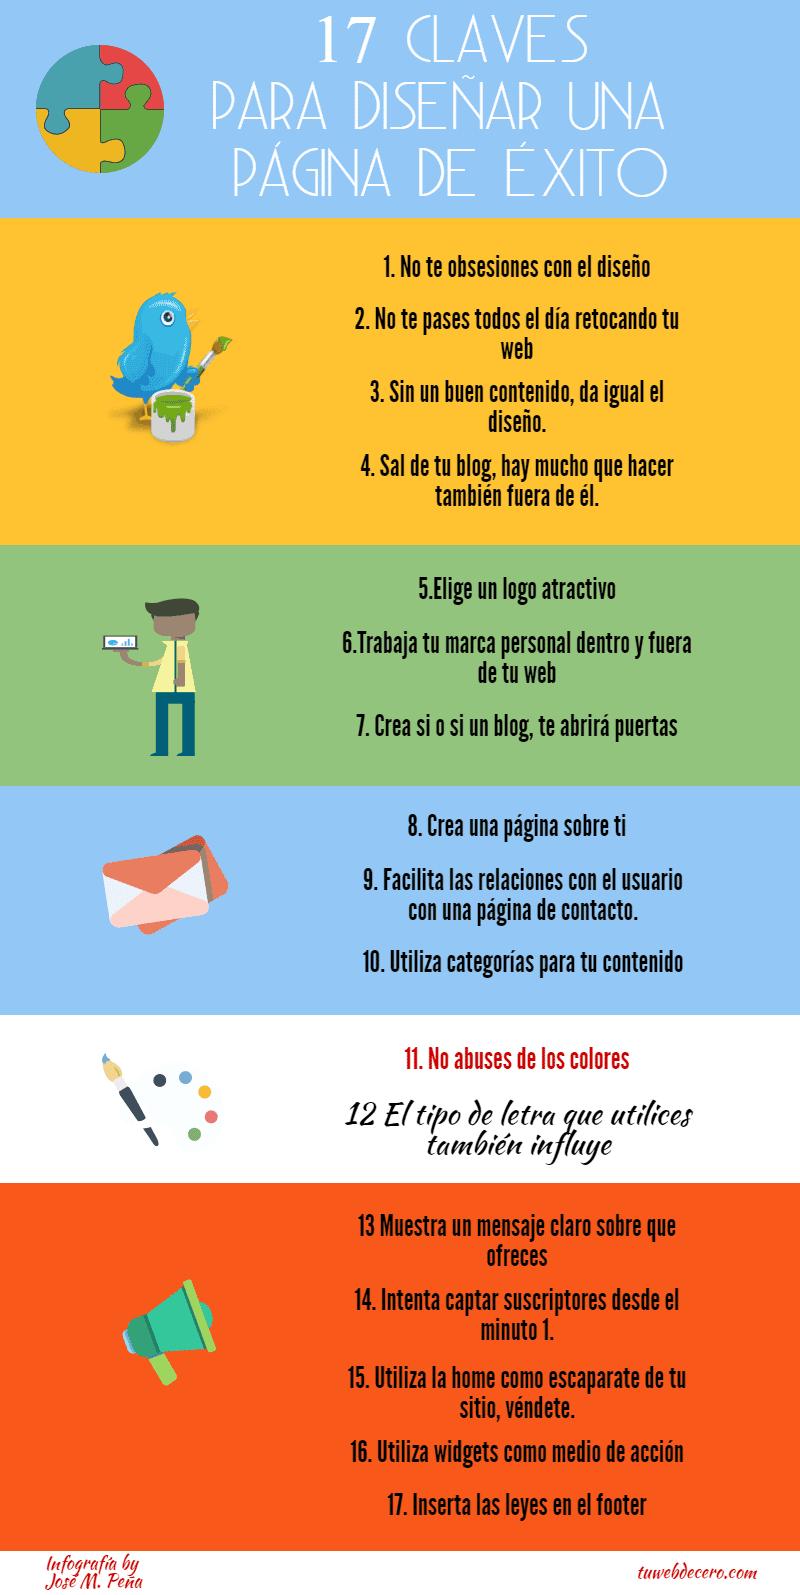 17 claves para diseñar una página de éxito